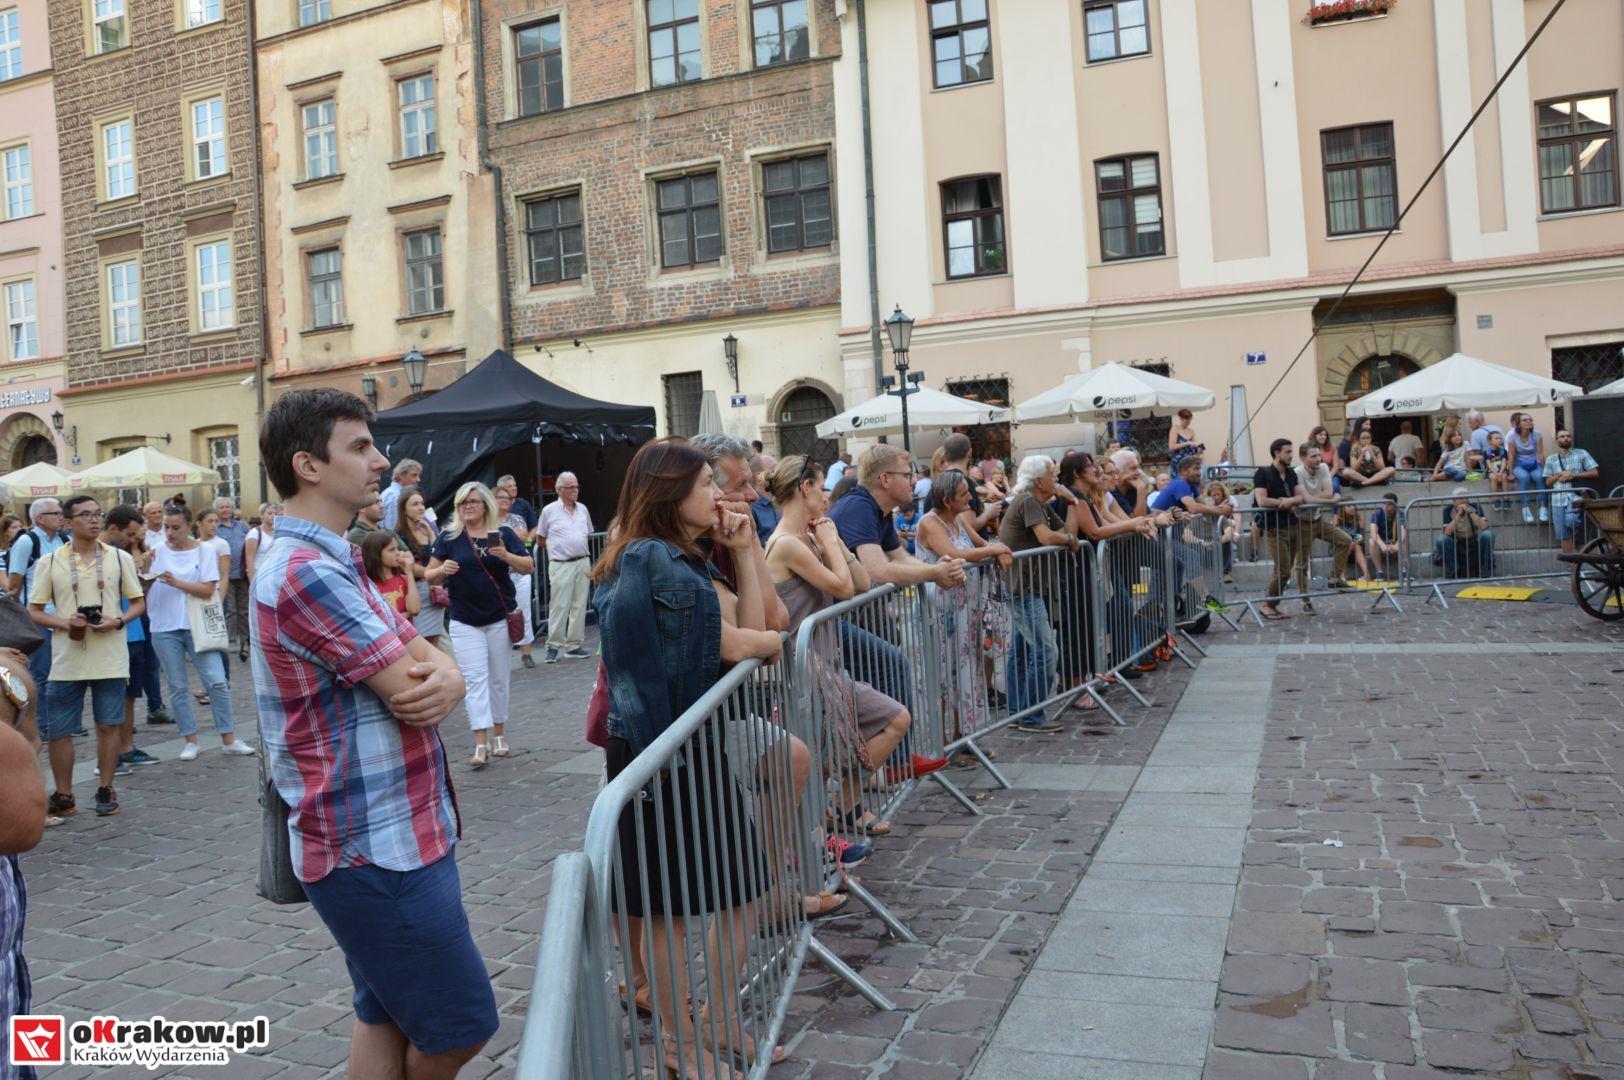 krakow festiwal pierogow maly rynek koncert cheap tobacco 101 150x150 - Galeria zdjęć Festiwal Pierogów Kraków 2018 + zdjęcia z koncertu Cheap Tobacco